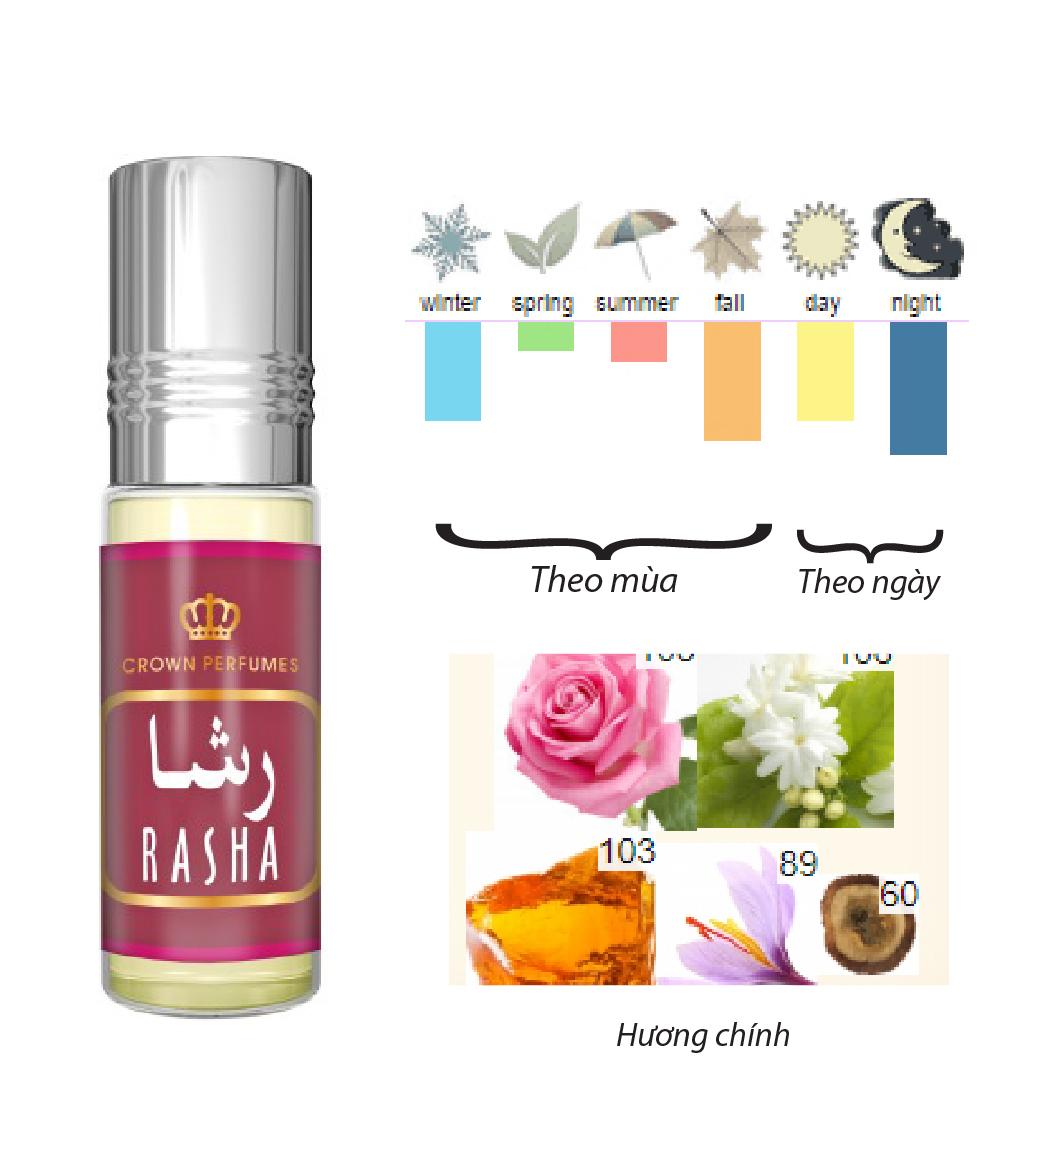 Tinh dầu nước hoa NỮ_RASHA Al-Rehabb (hàng chính hãng )